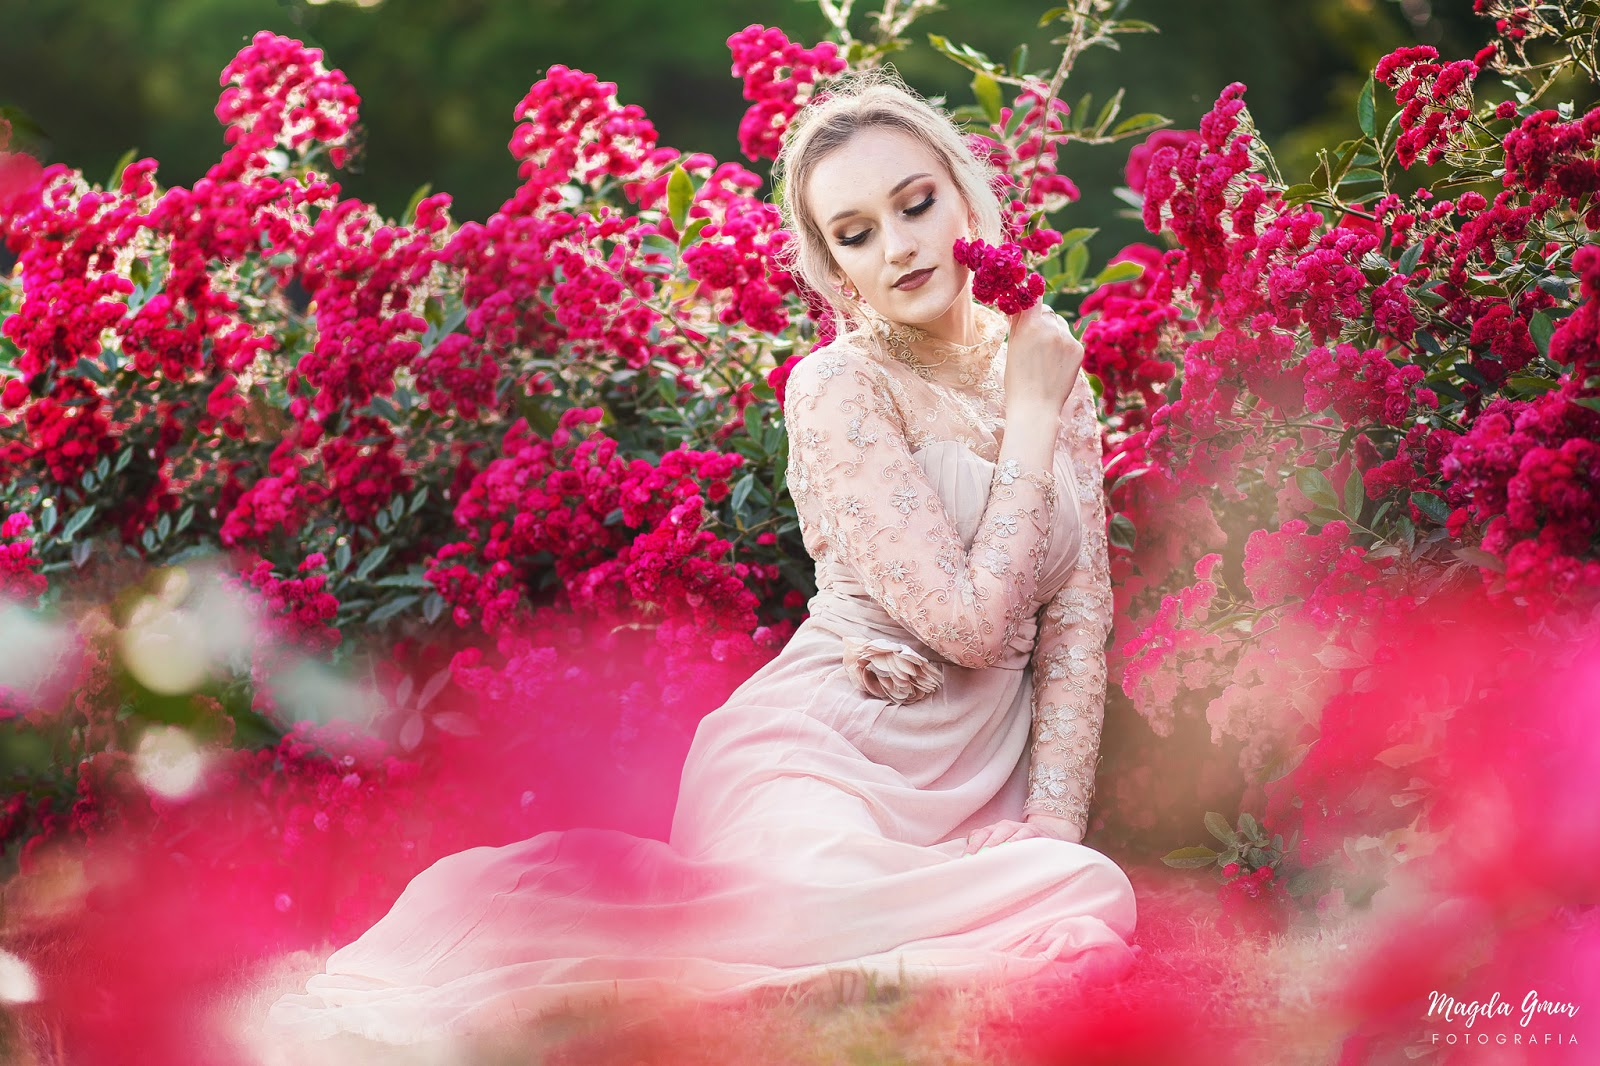 sesja w różach, bajkowa sesja, bajkowe zdjęcia w różach, ogród botaniczy lublin, sesja zdjęciowa w lublinie, fotograf opoczno, fotograf lublin, sesja portretowa, magda gmur fotografia, róże, magda gmur fotografia